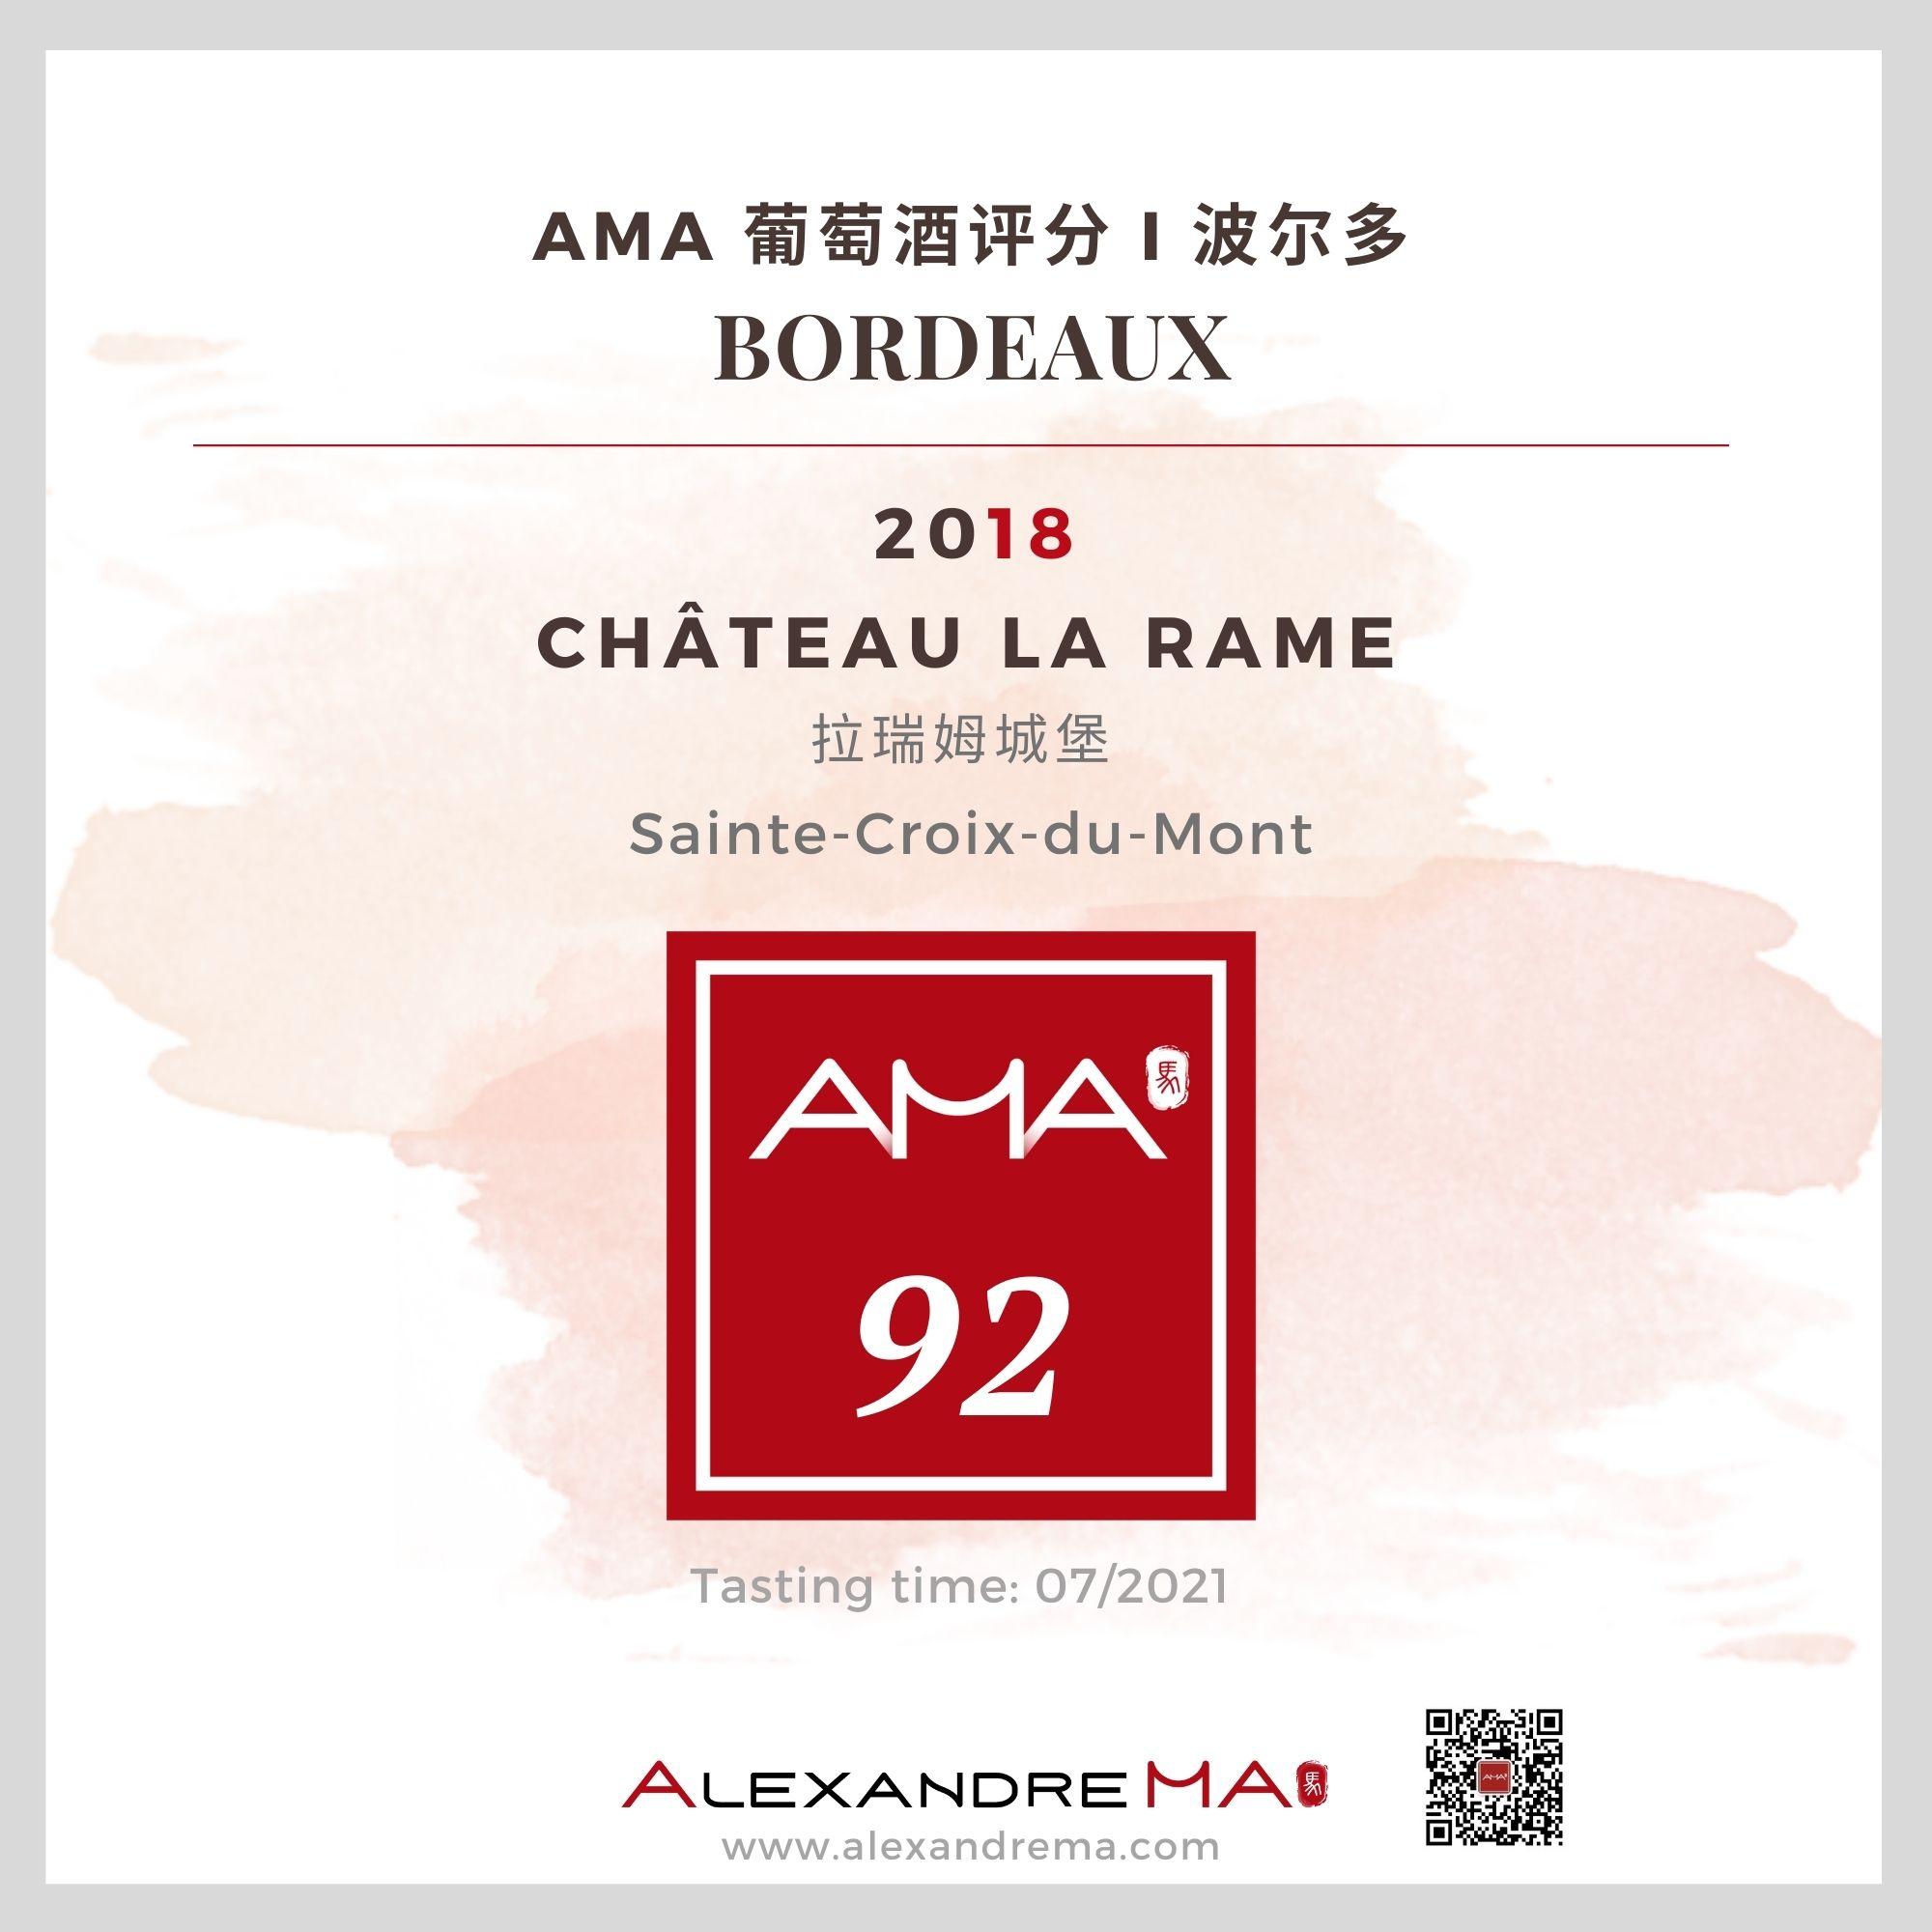 Château La Rame 2018 拉瑞姆城堡 - Alexandre Ma